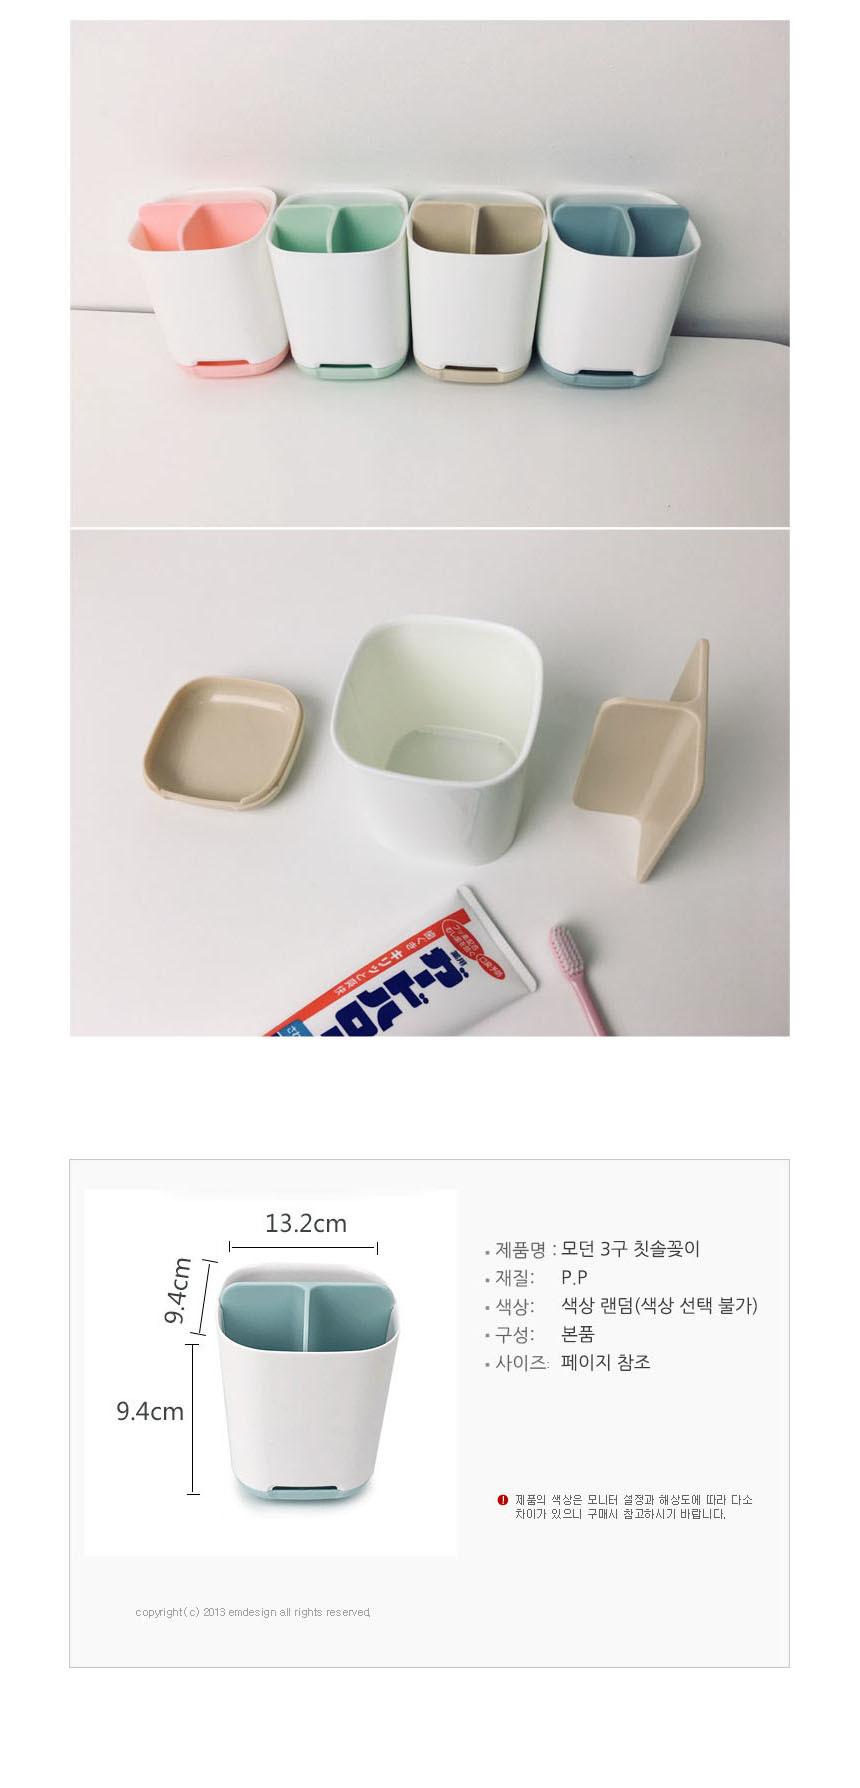 모던 3구 칫솔케이스 1개(색상랜덤) - 콕닷컴, 12,500원, 양치, 칫솔홀더